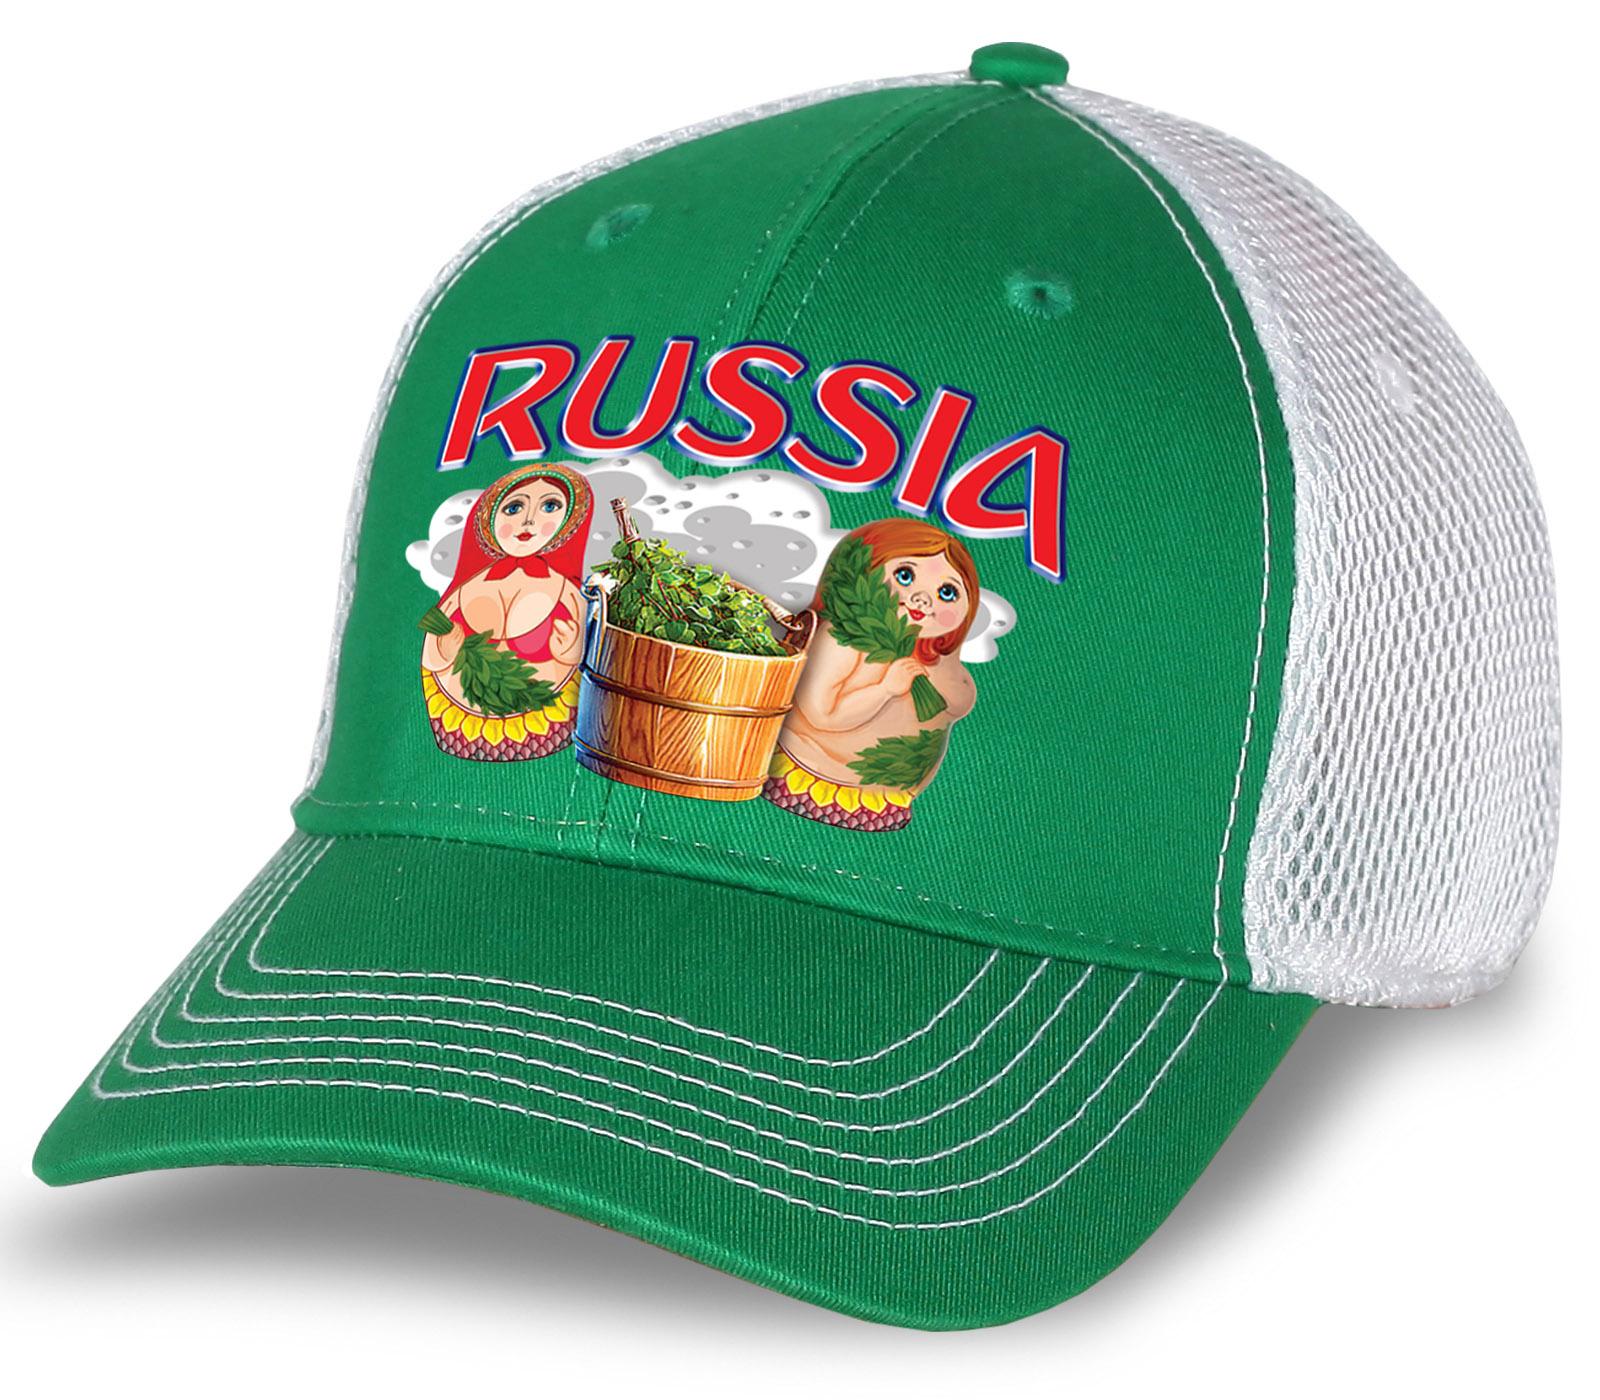 """Классная бейсболка """"Russia"""" с матрешками. Эффектная бело-зеленая модель с сеткой. Отменный головной убор для настоящих патриотов и активных болельщиков!"""